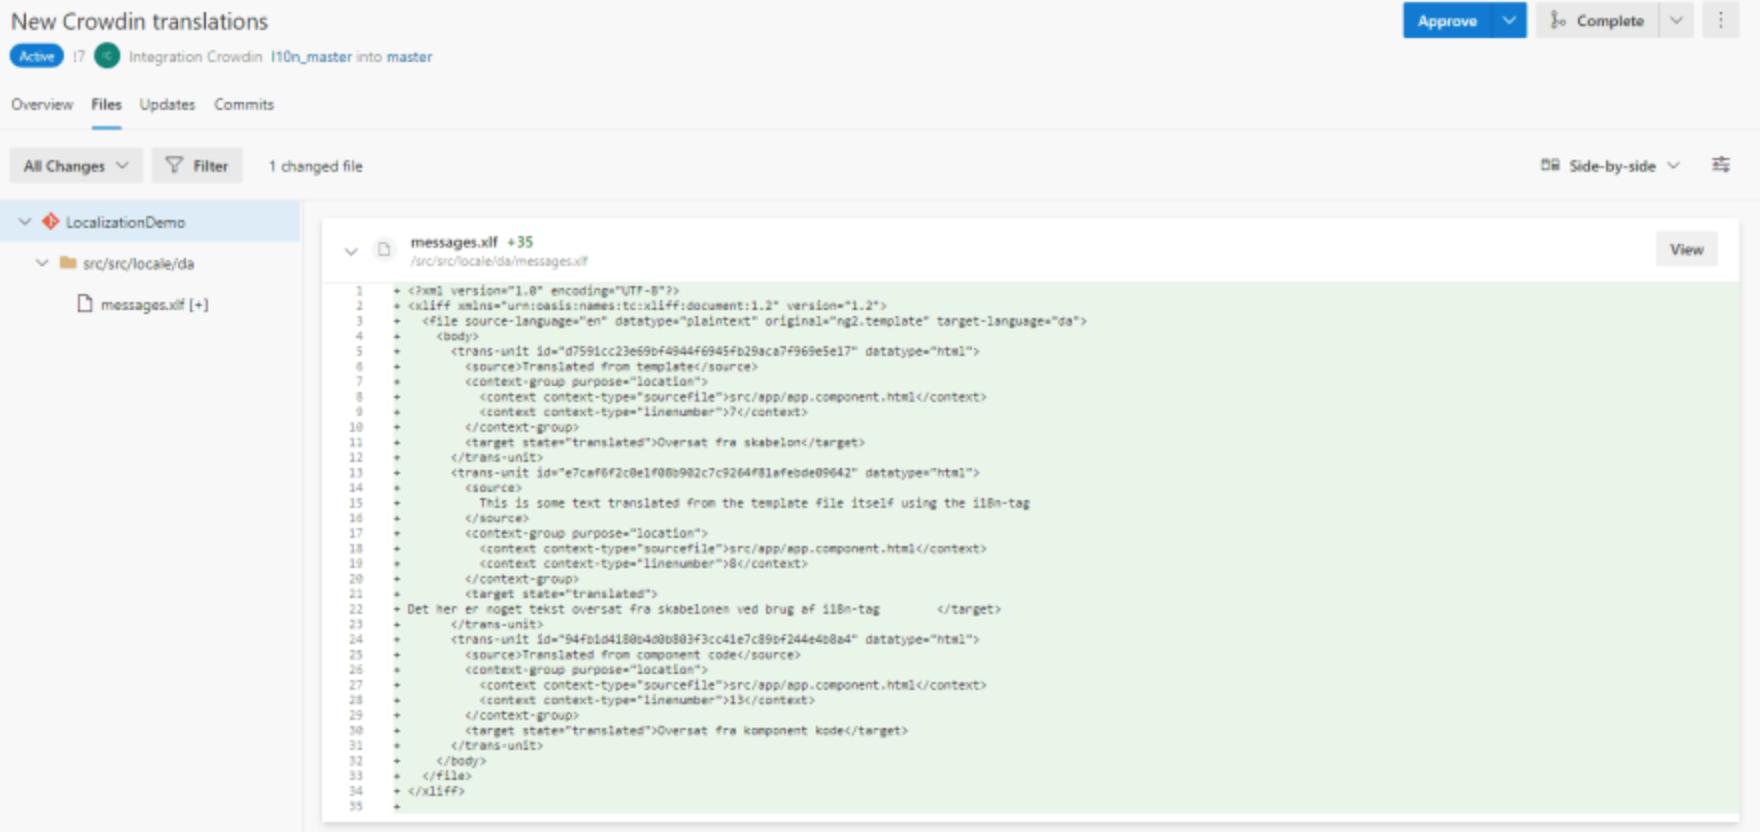 Screenshot 2020-04-24 at 12.51.15